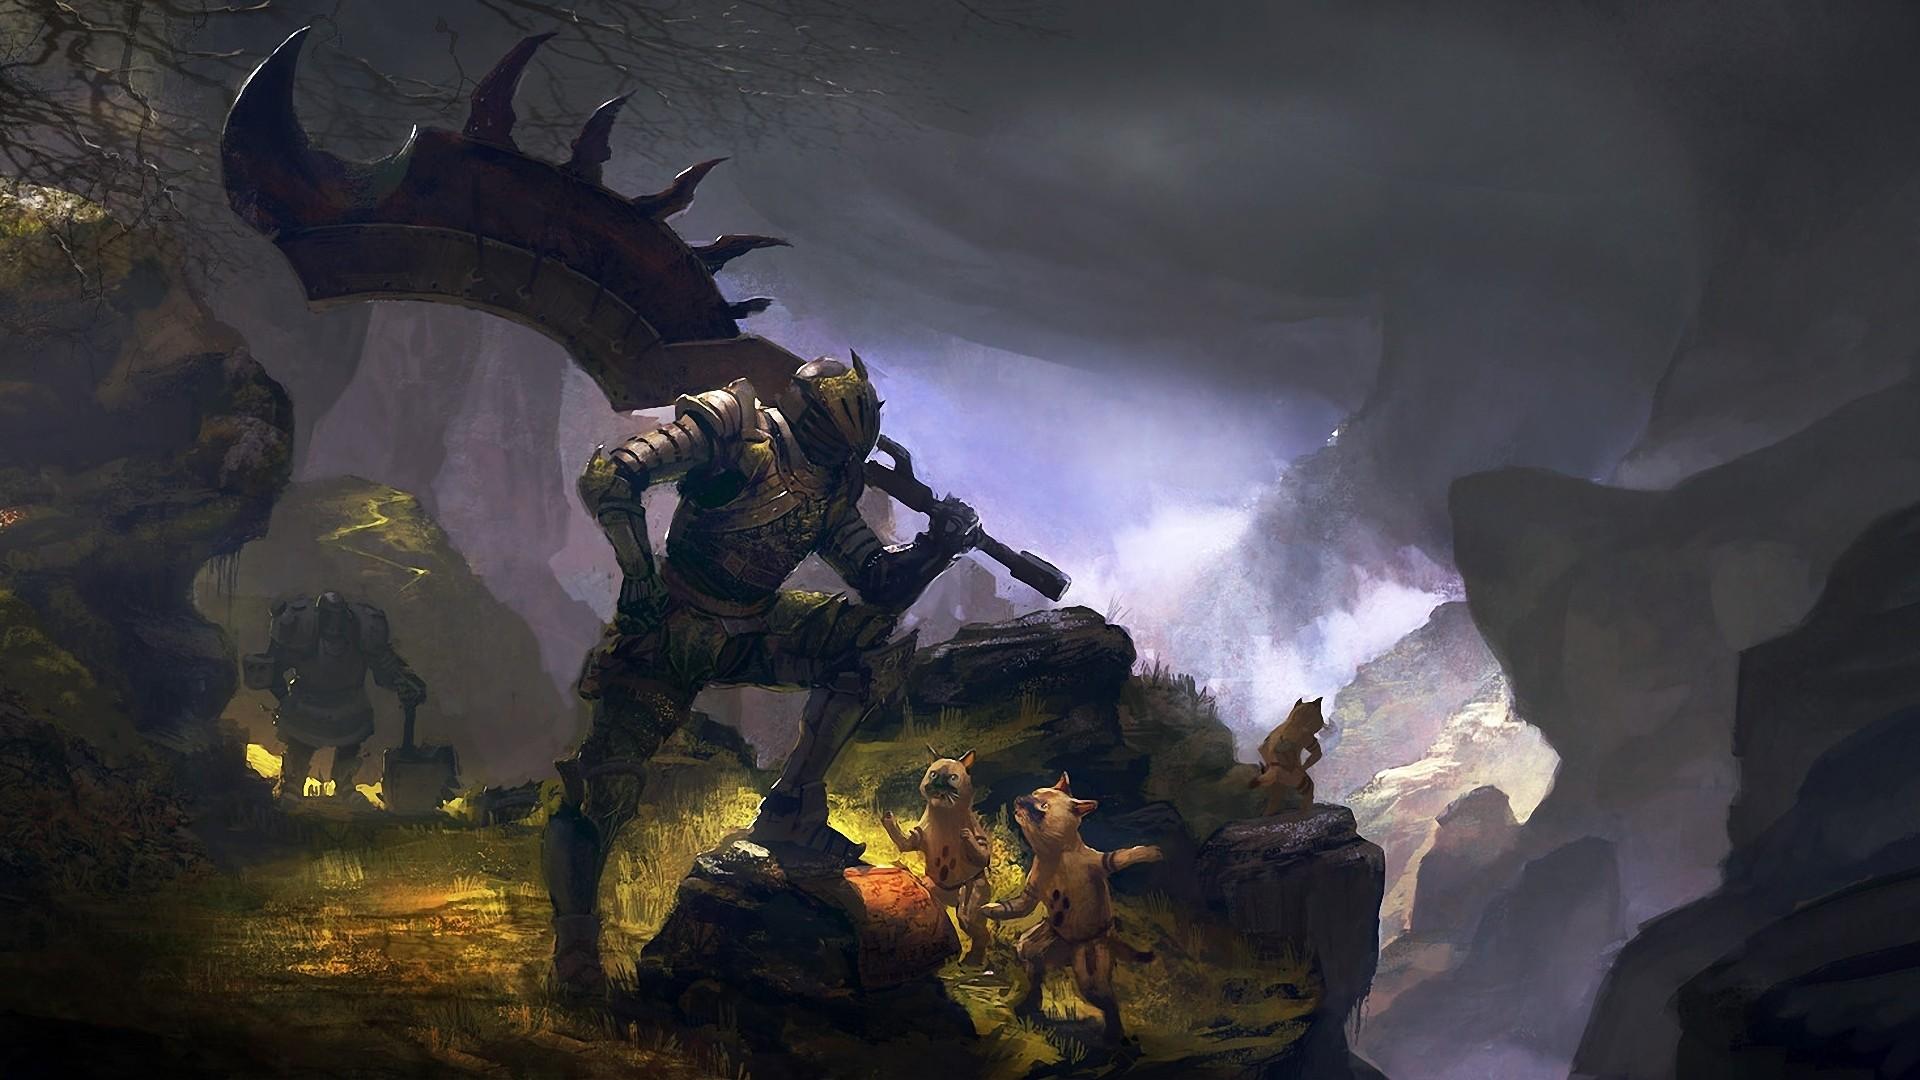 меч, солдат, рыцарь